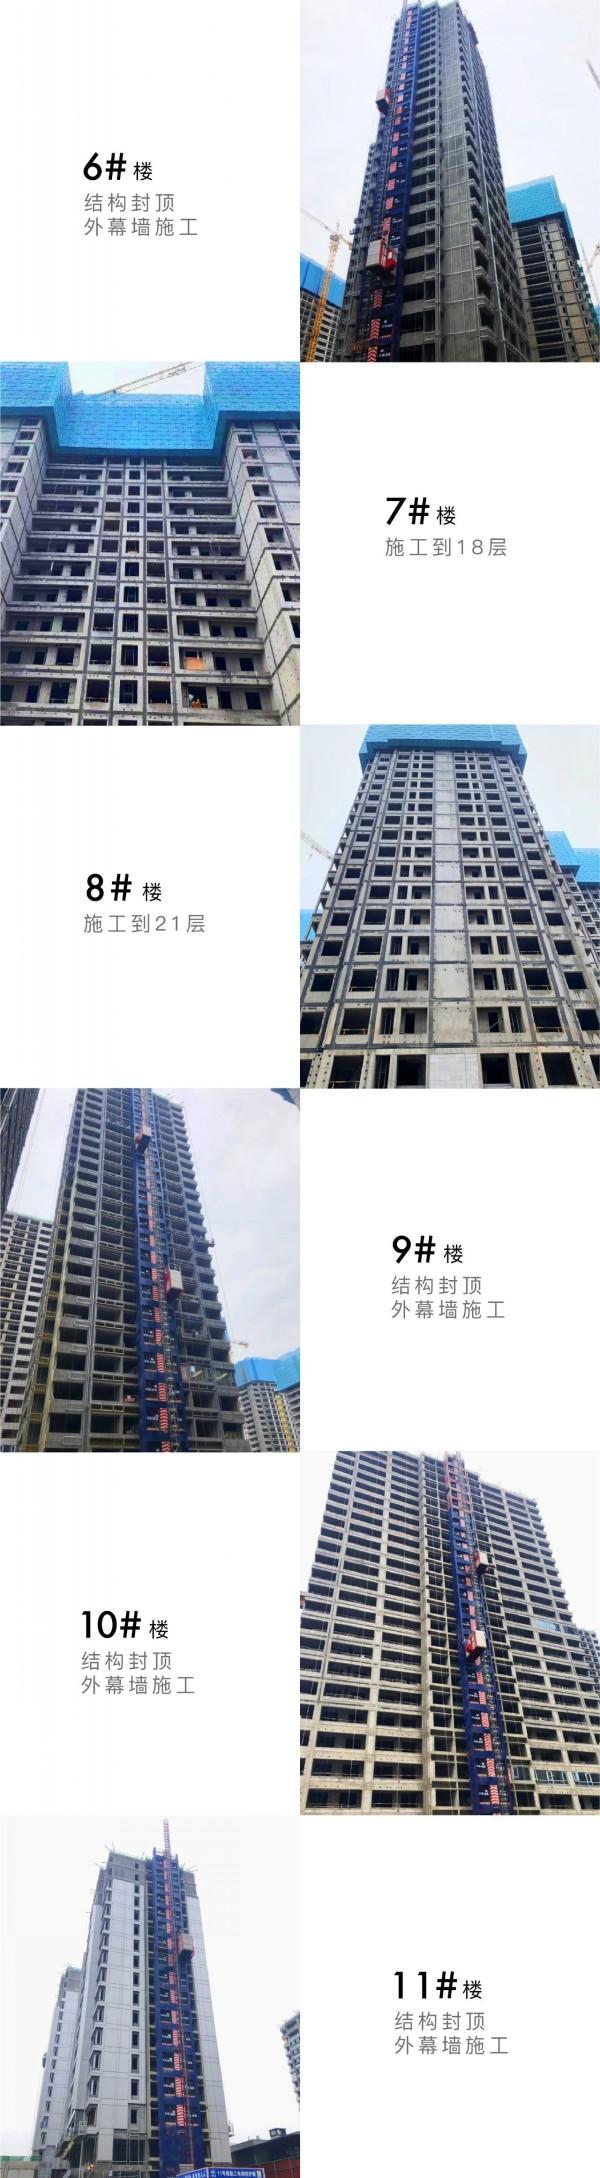 芳菲徐来 至以为念丨中国铁建·花语江南4月家书  第5张